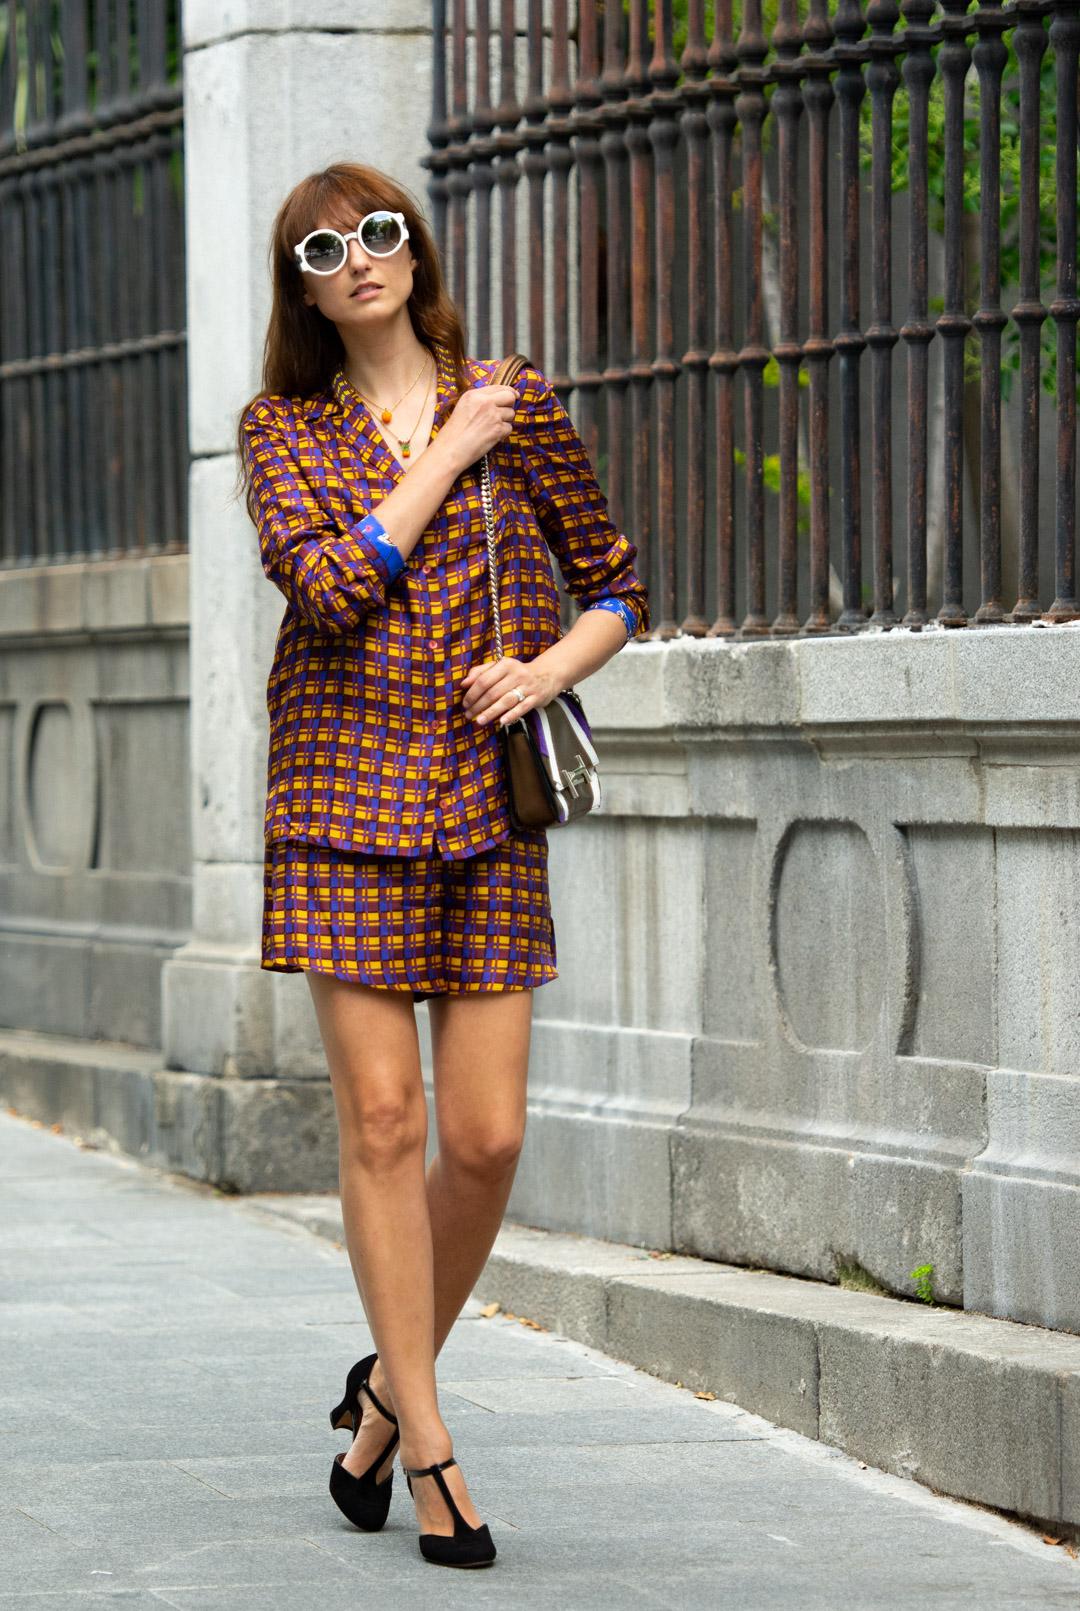 pijama-street-style-mayte-de-la-iglesia-web-05